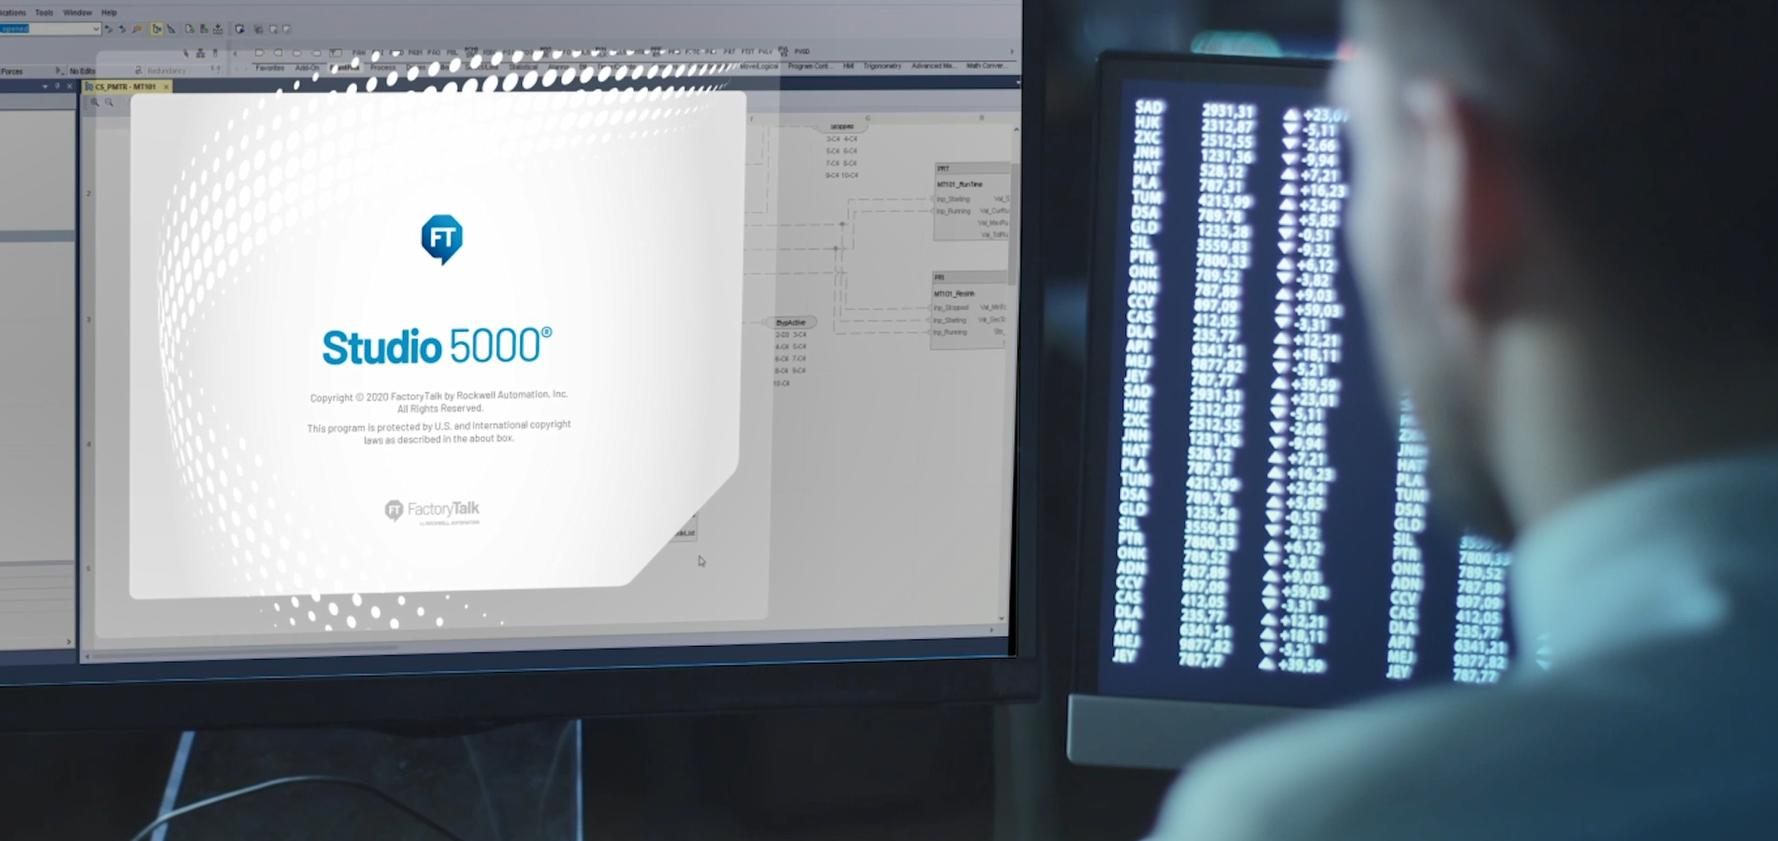 Las nuevas actualizaciones del software Studio 5000 de Rockwell Automation amplían las posibilidades de los proyectos de diseño